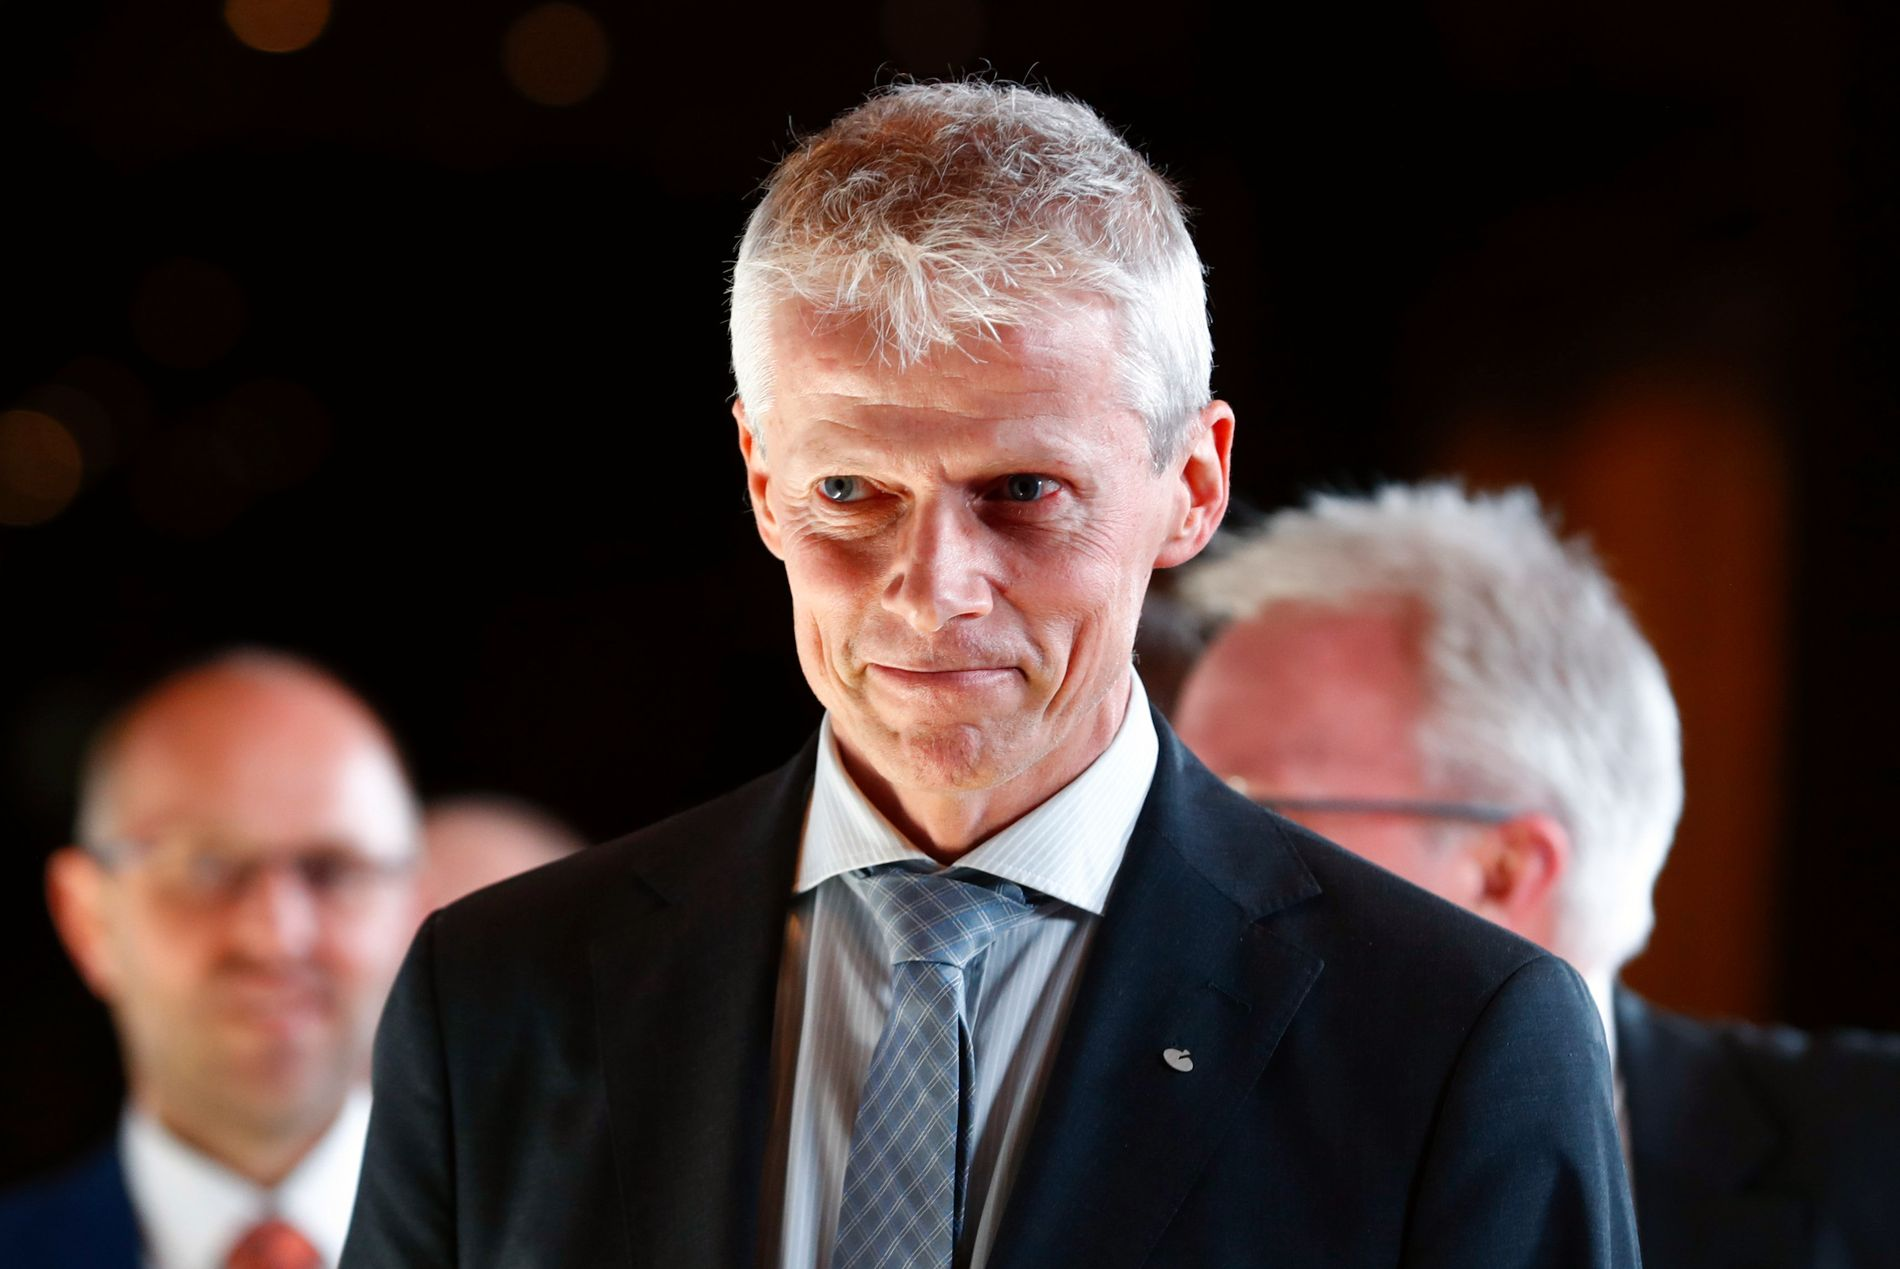 SKATTEDIREKTØR: Hans Christian Holte, her på vei inn til NHOs årsmiddag i januar i år.